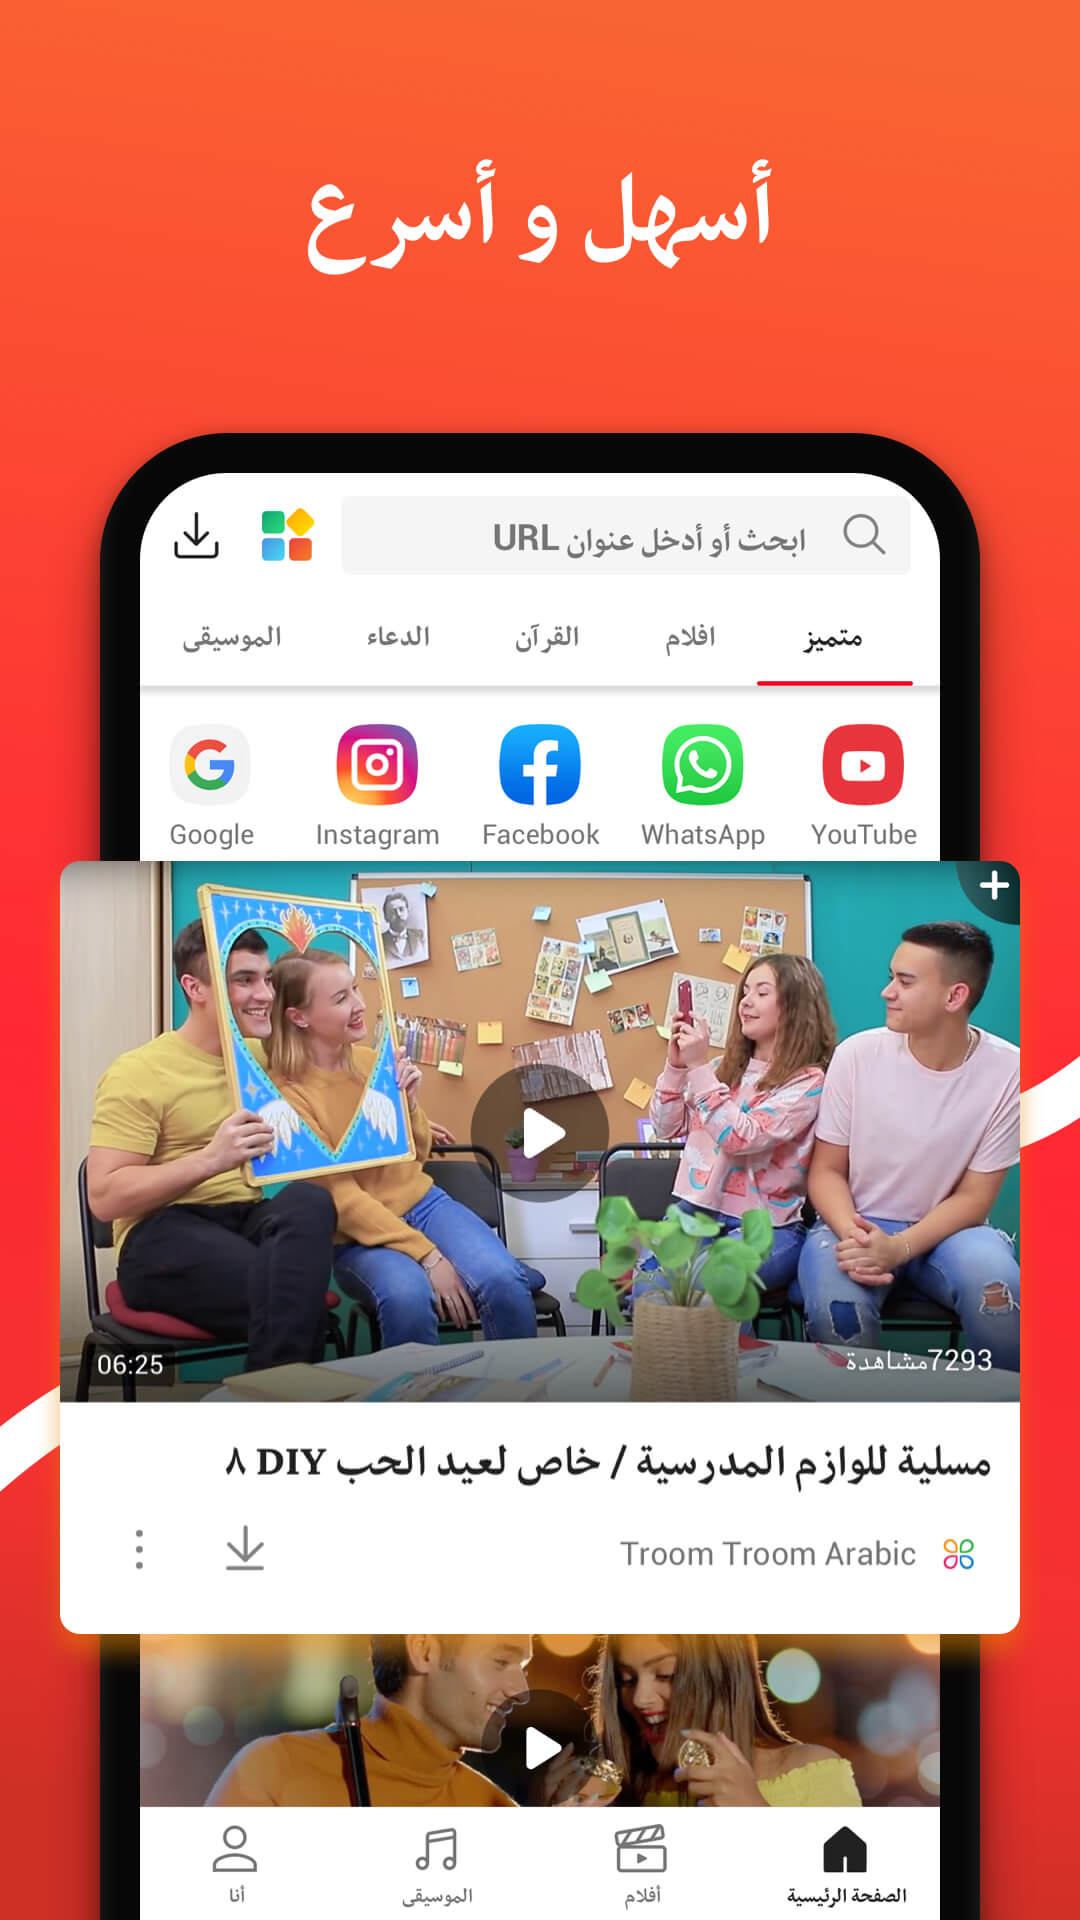 VidMate - HD video downloader 2 تصوير الشاشة